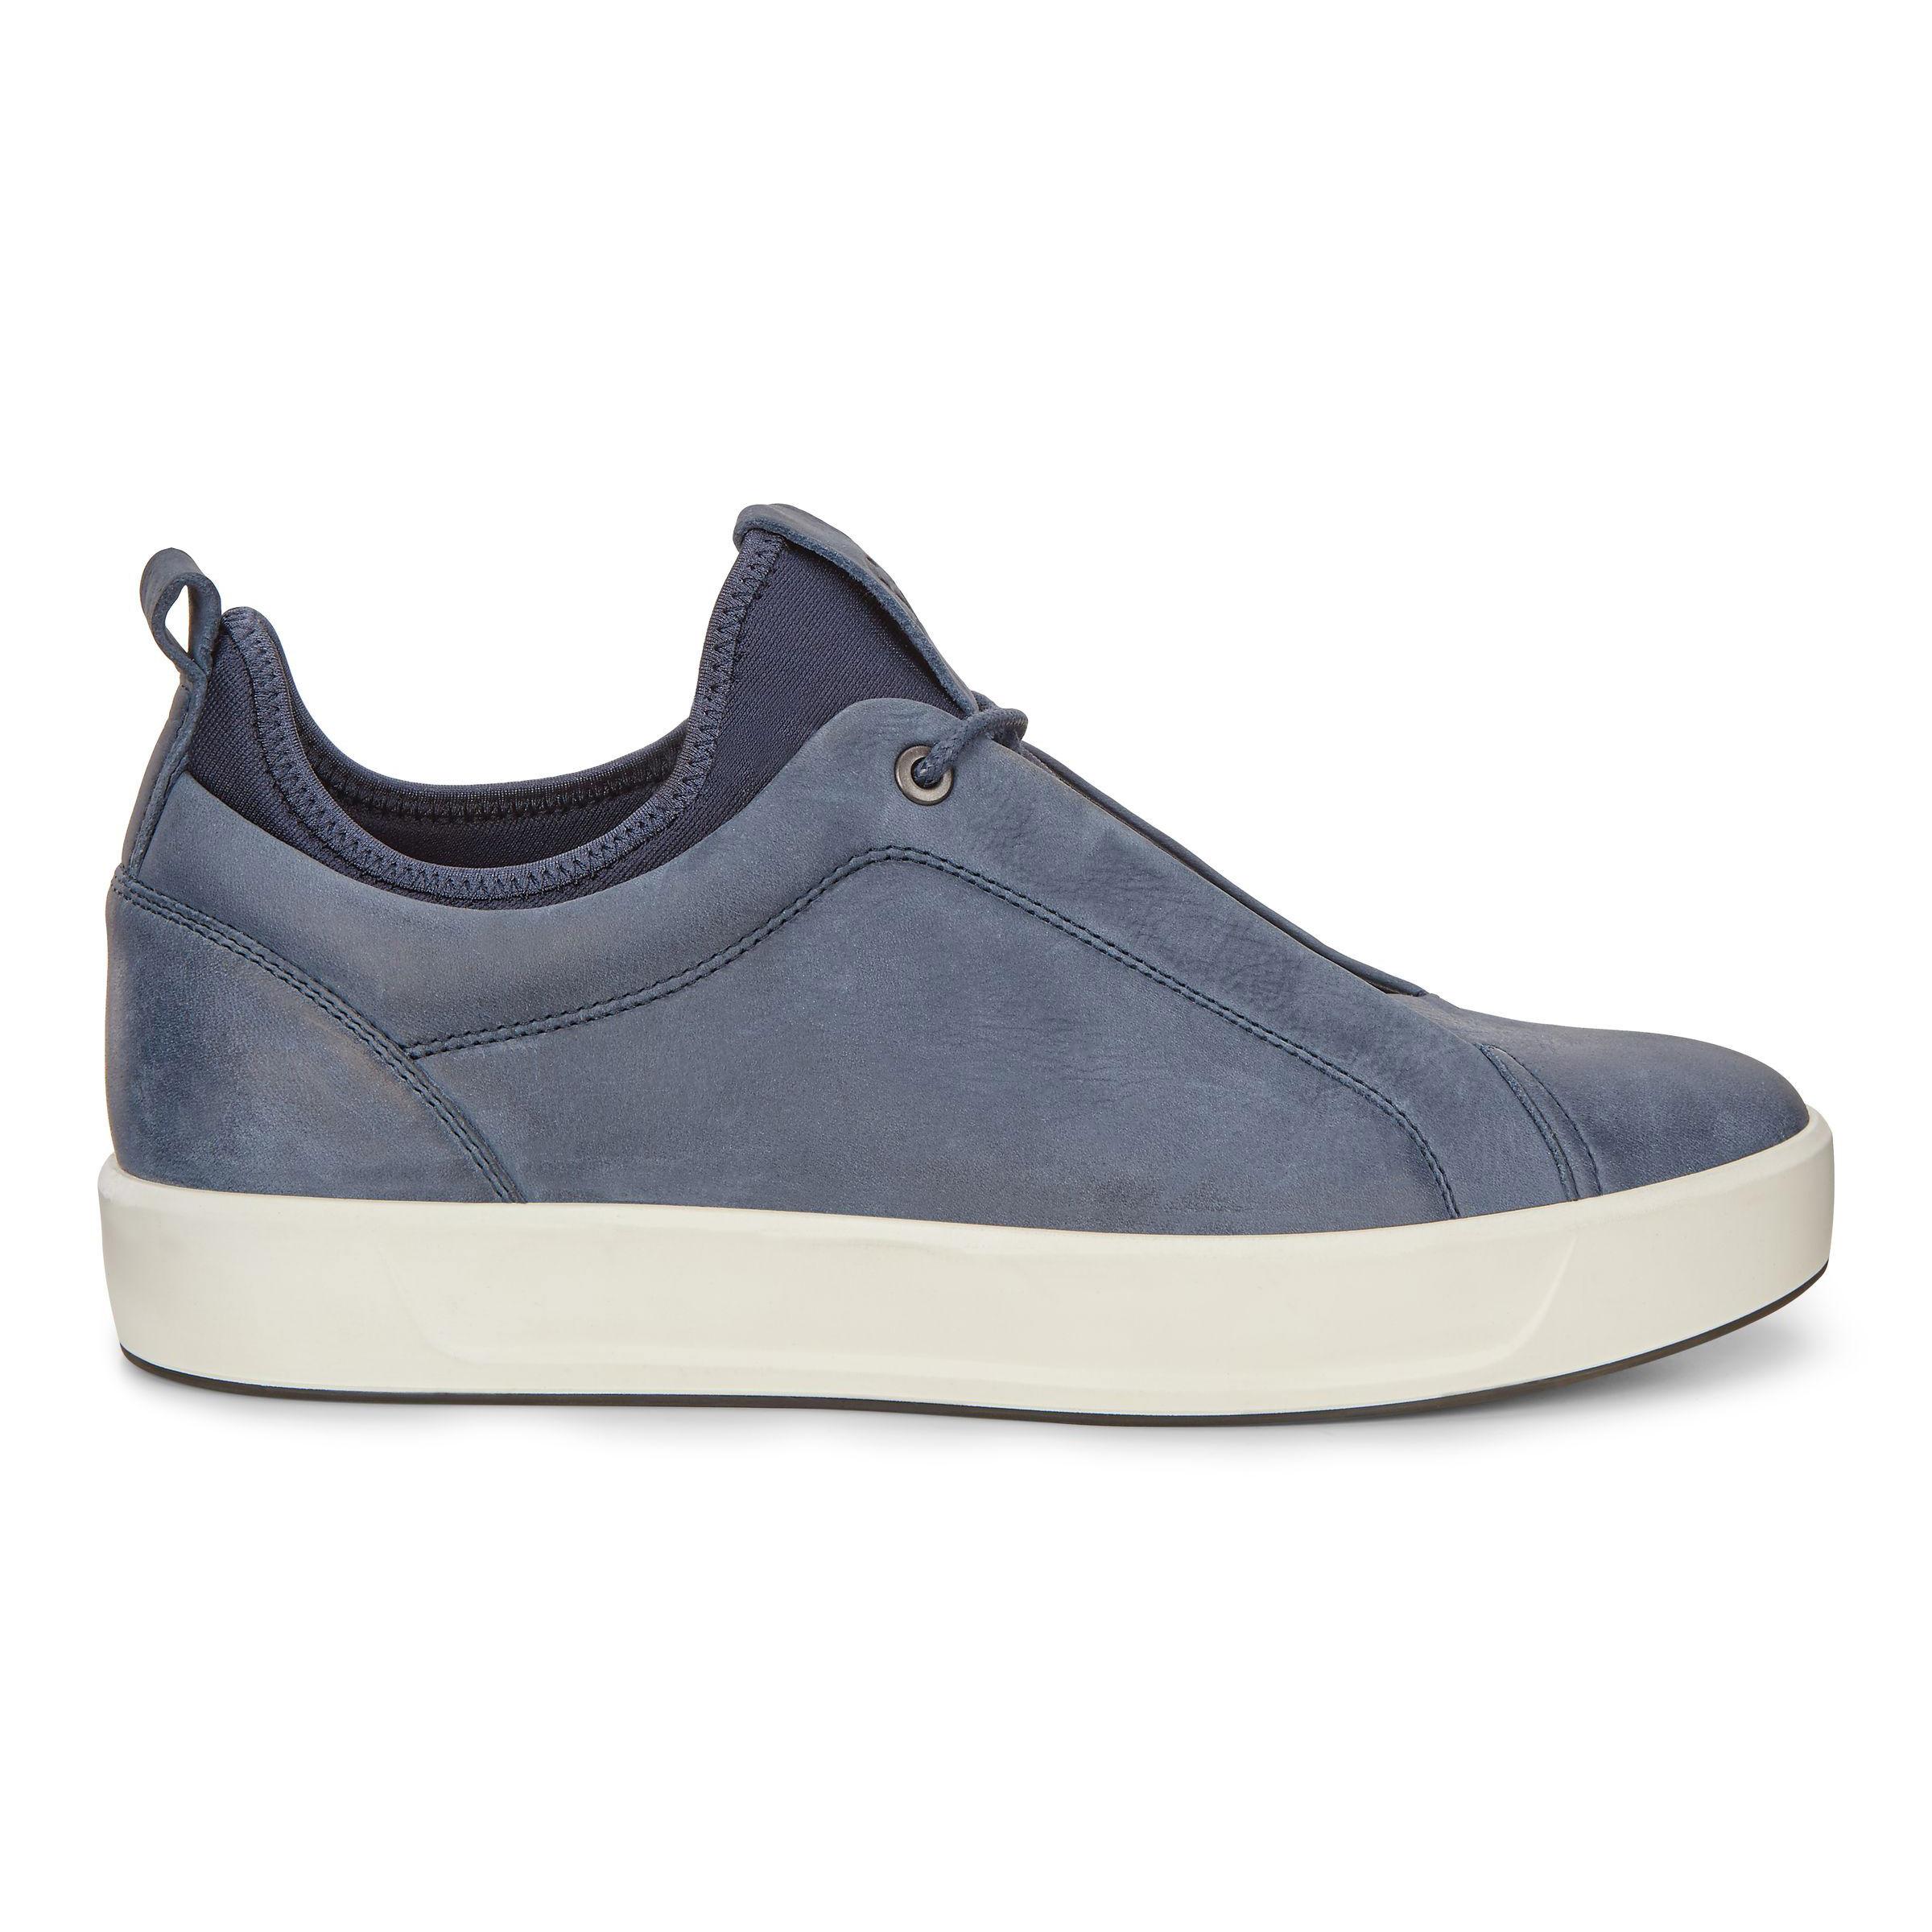 ECCO Soft 8 Low Sneakers | Men's